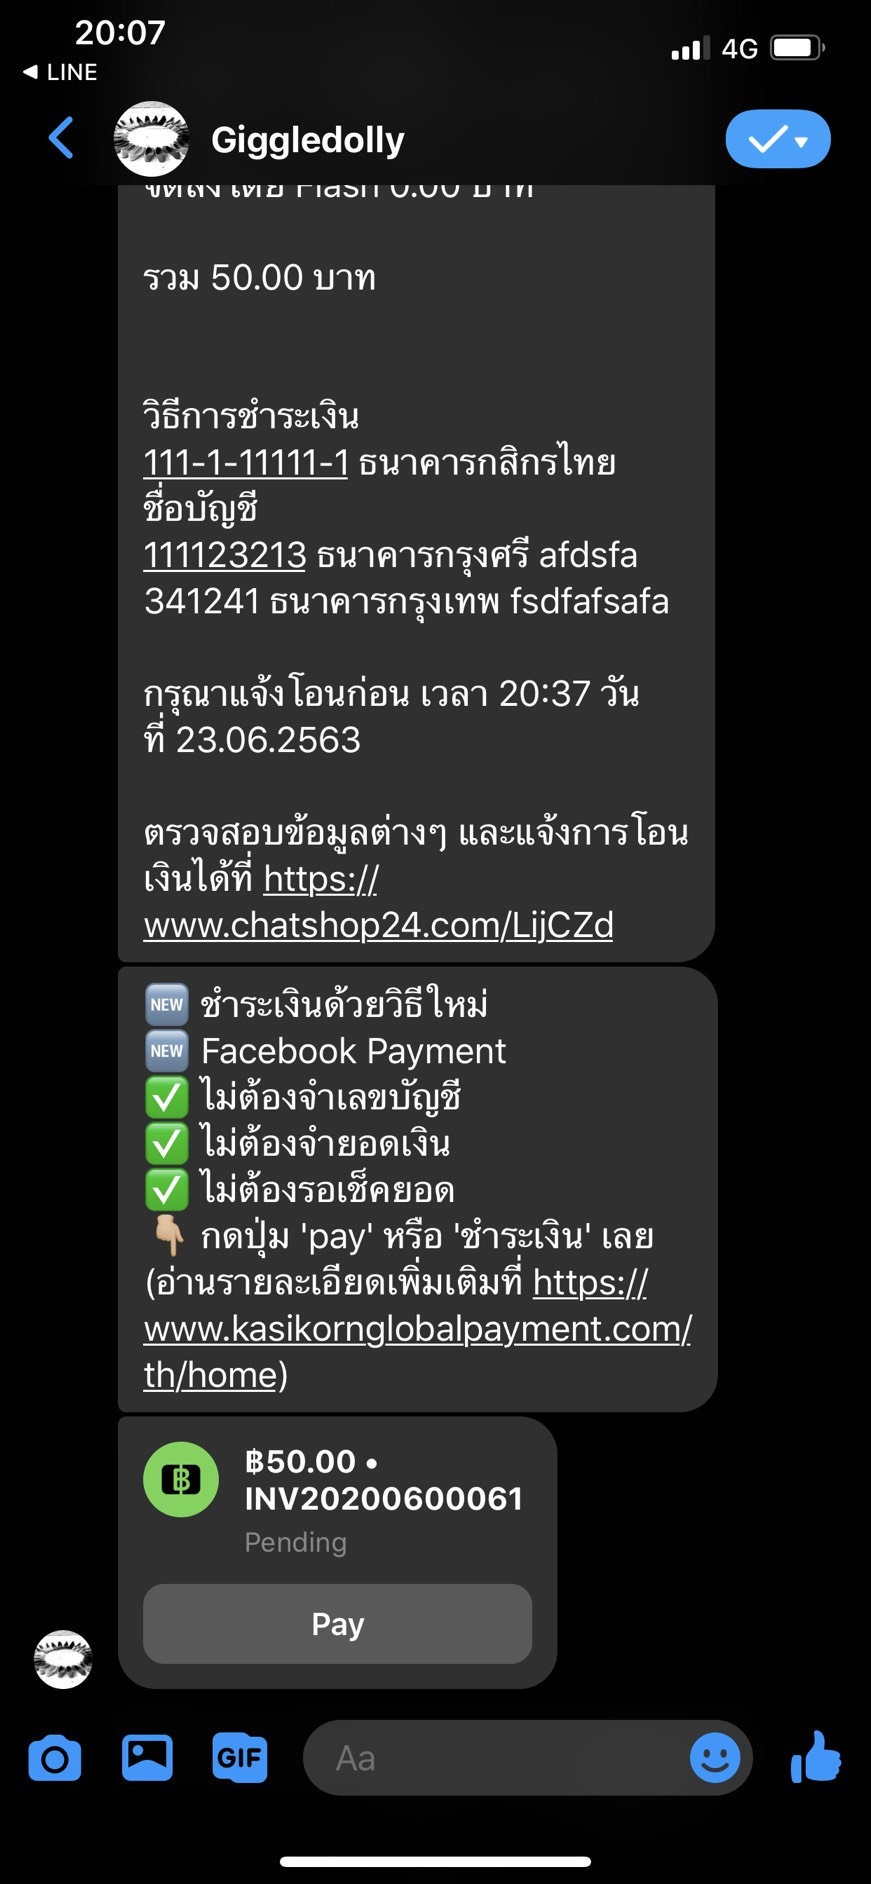 Facebook Payment ใน Messenger